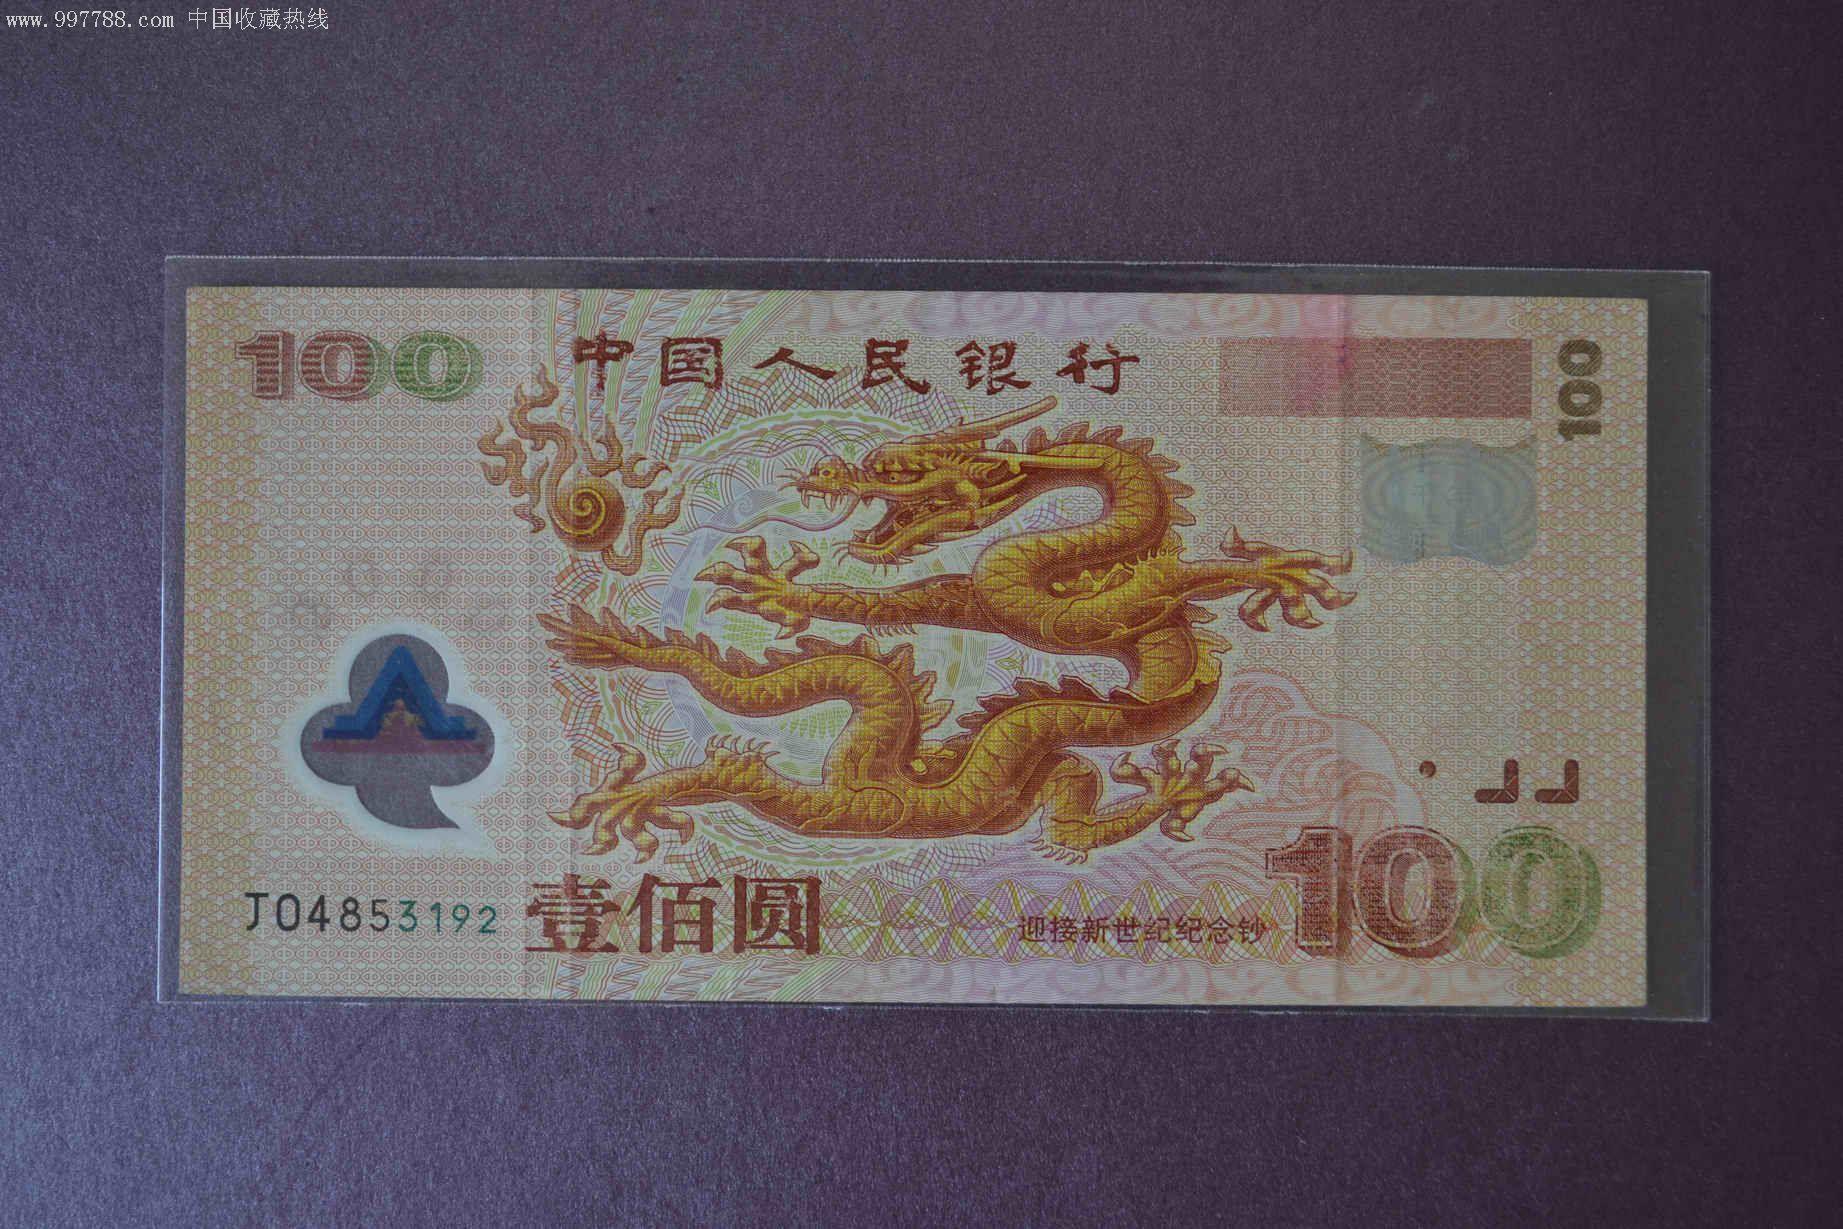 美品千年世纪龙钞一张